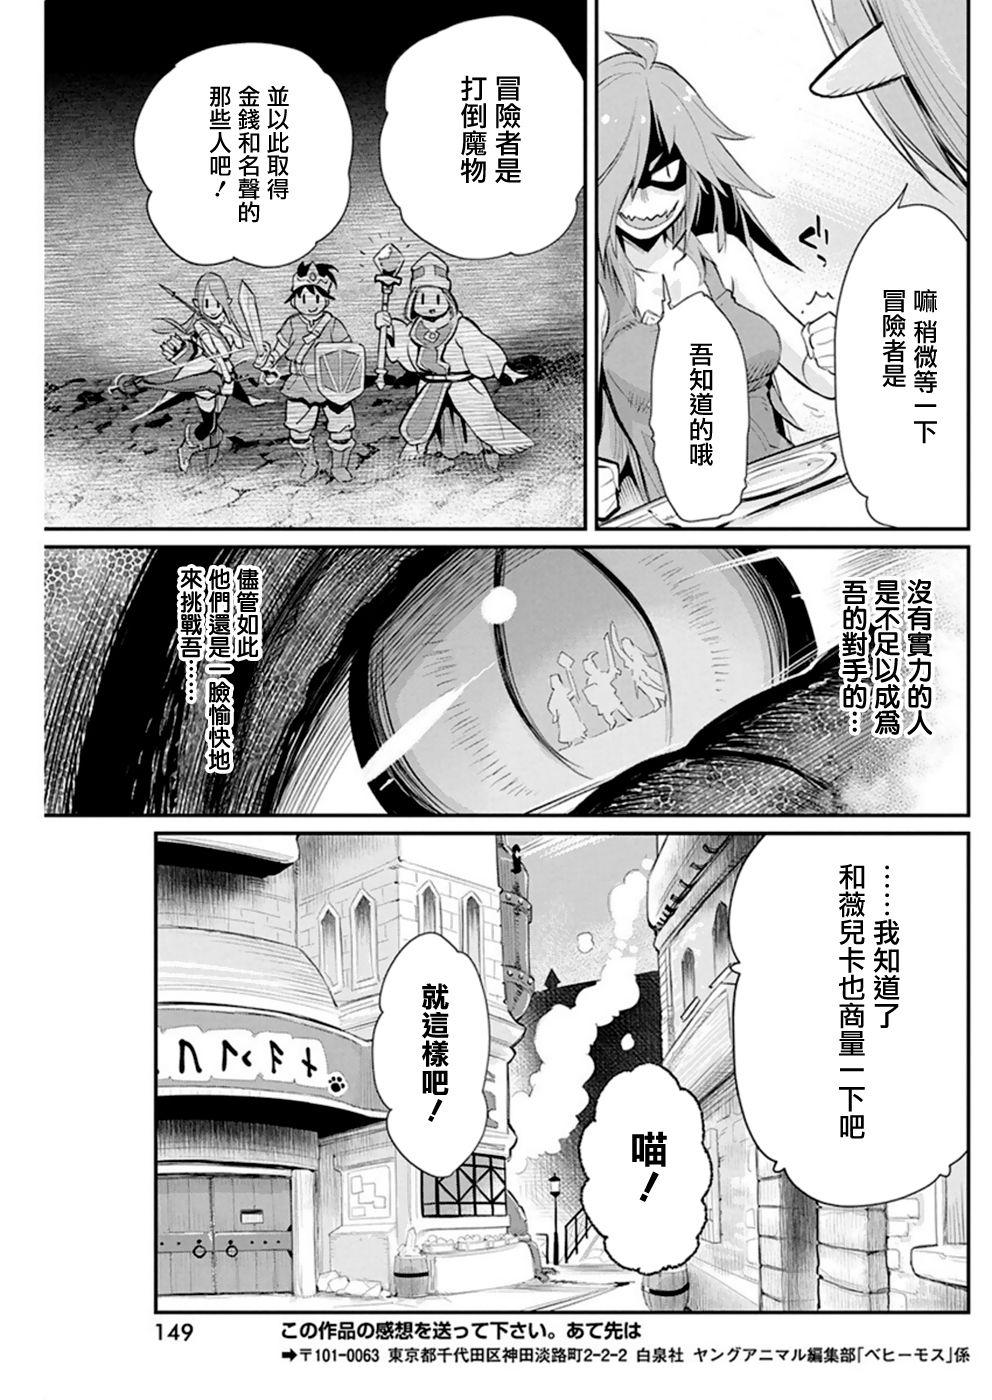 重生的貓騎士與精靈娘的日常: 22話 - 第23页